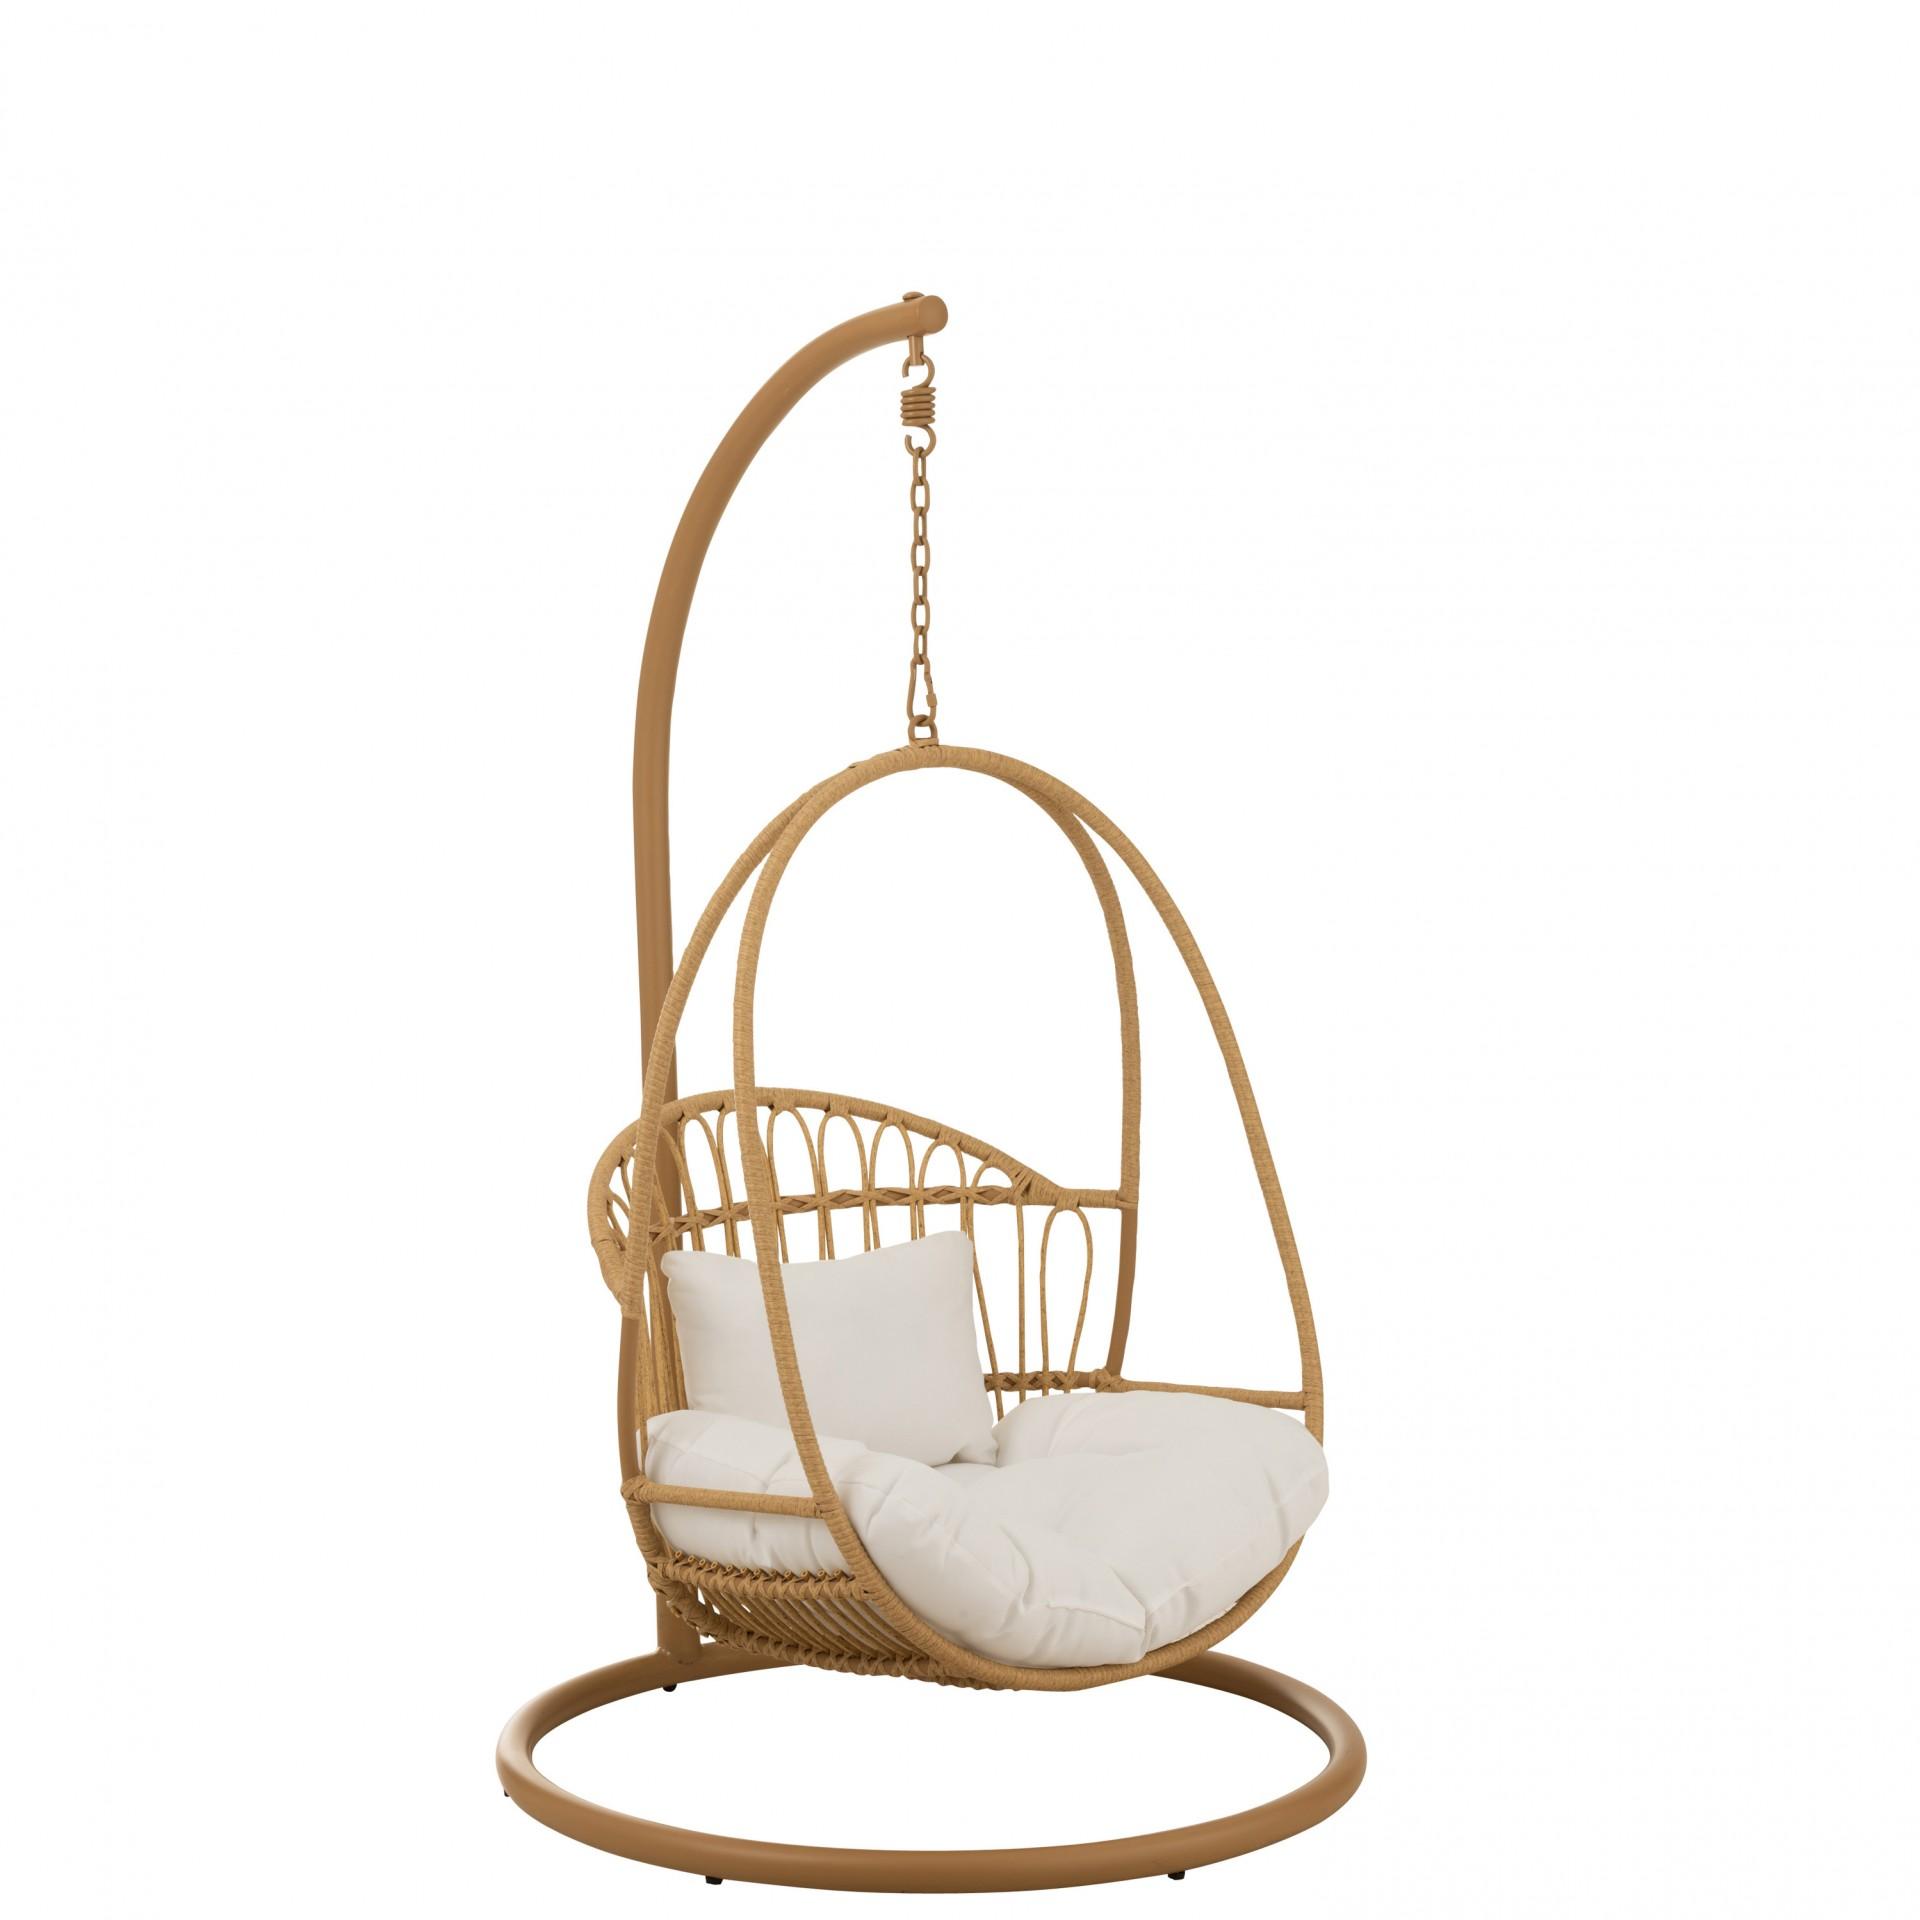 Cadeira suspensa infantil, metal/vime, castanho, 103x93x155